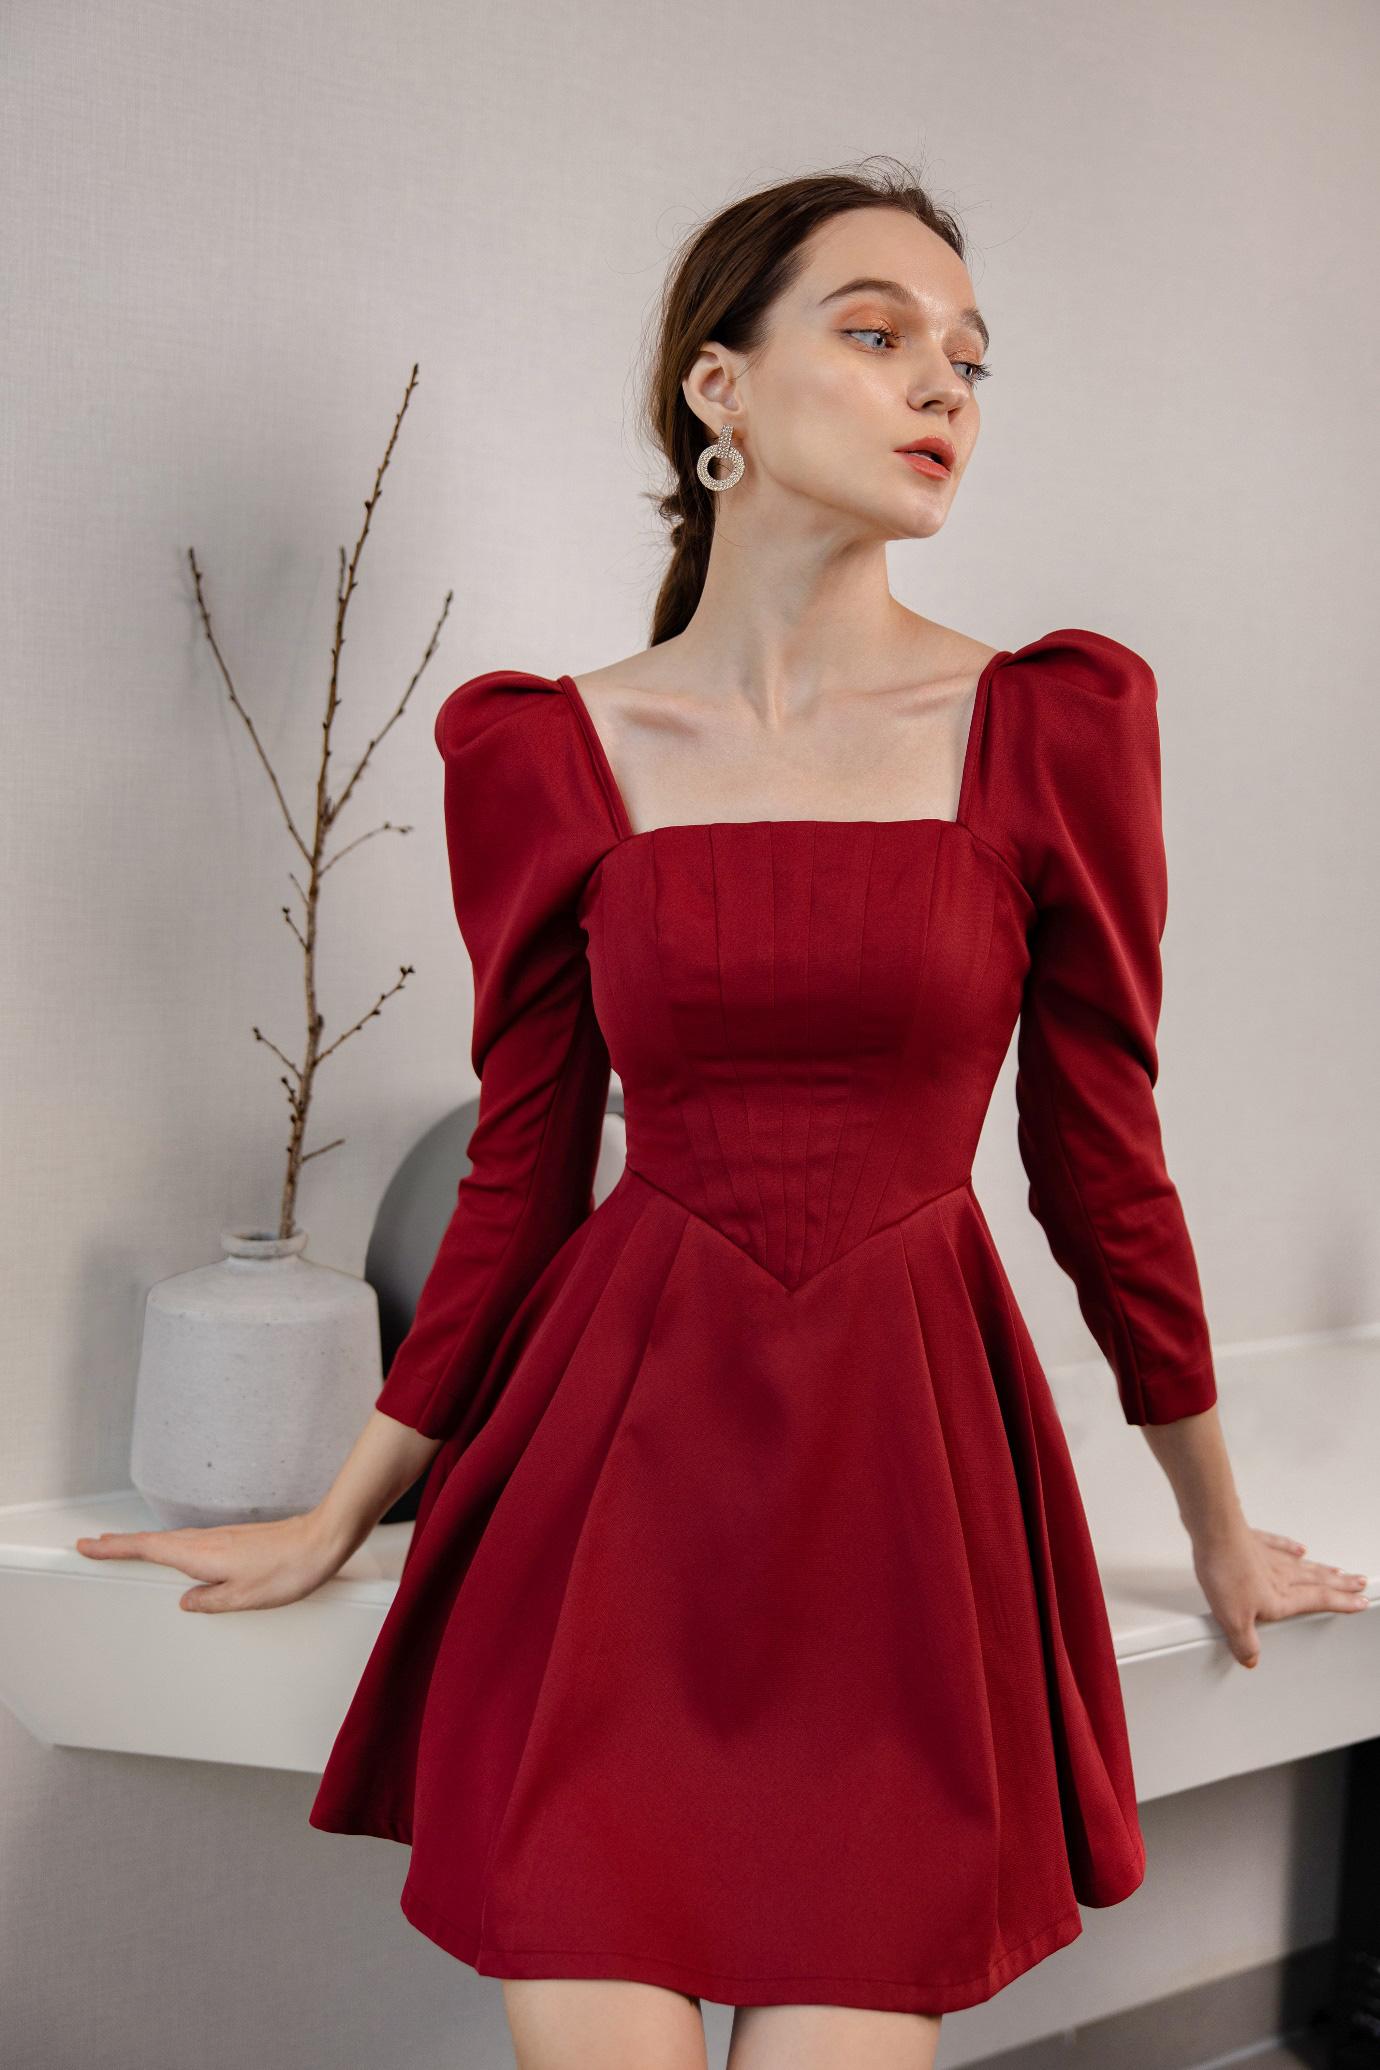 Gợi ý 8 mẫu váy đỏ đẹp cực phẩm, biến nàng trở thành tiêu điểm từ tiệc tất niên cho tới buổi du xuân đầu năm - Ảnh 3.